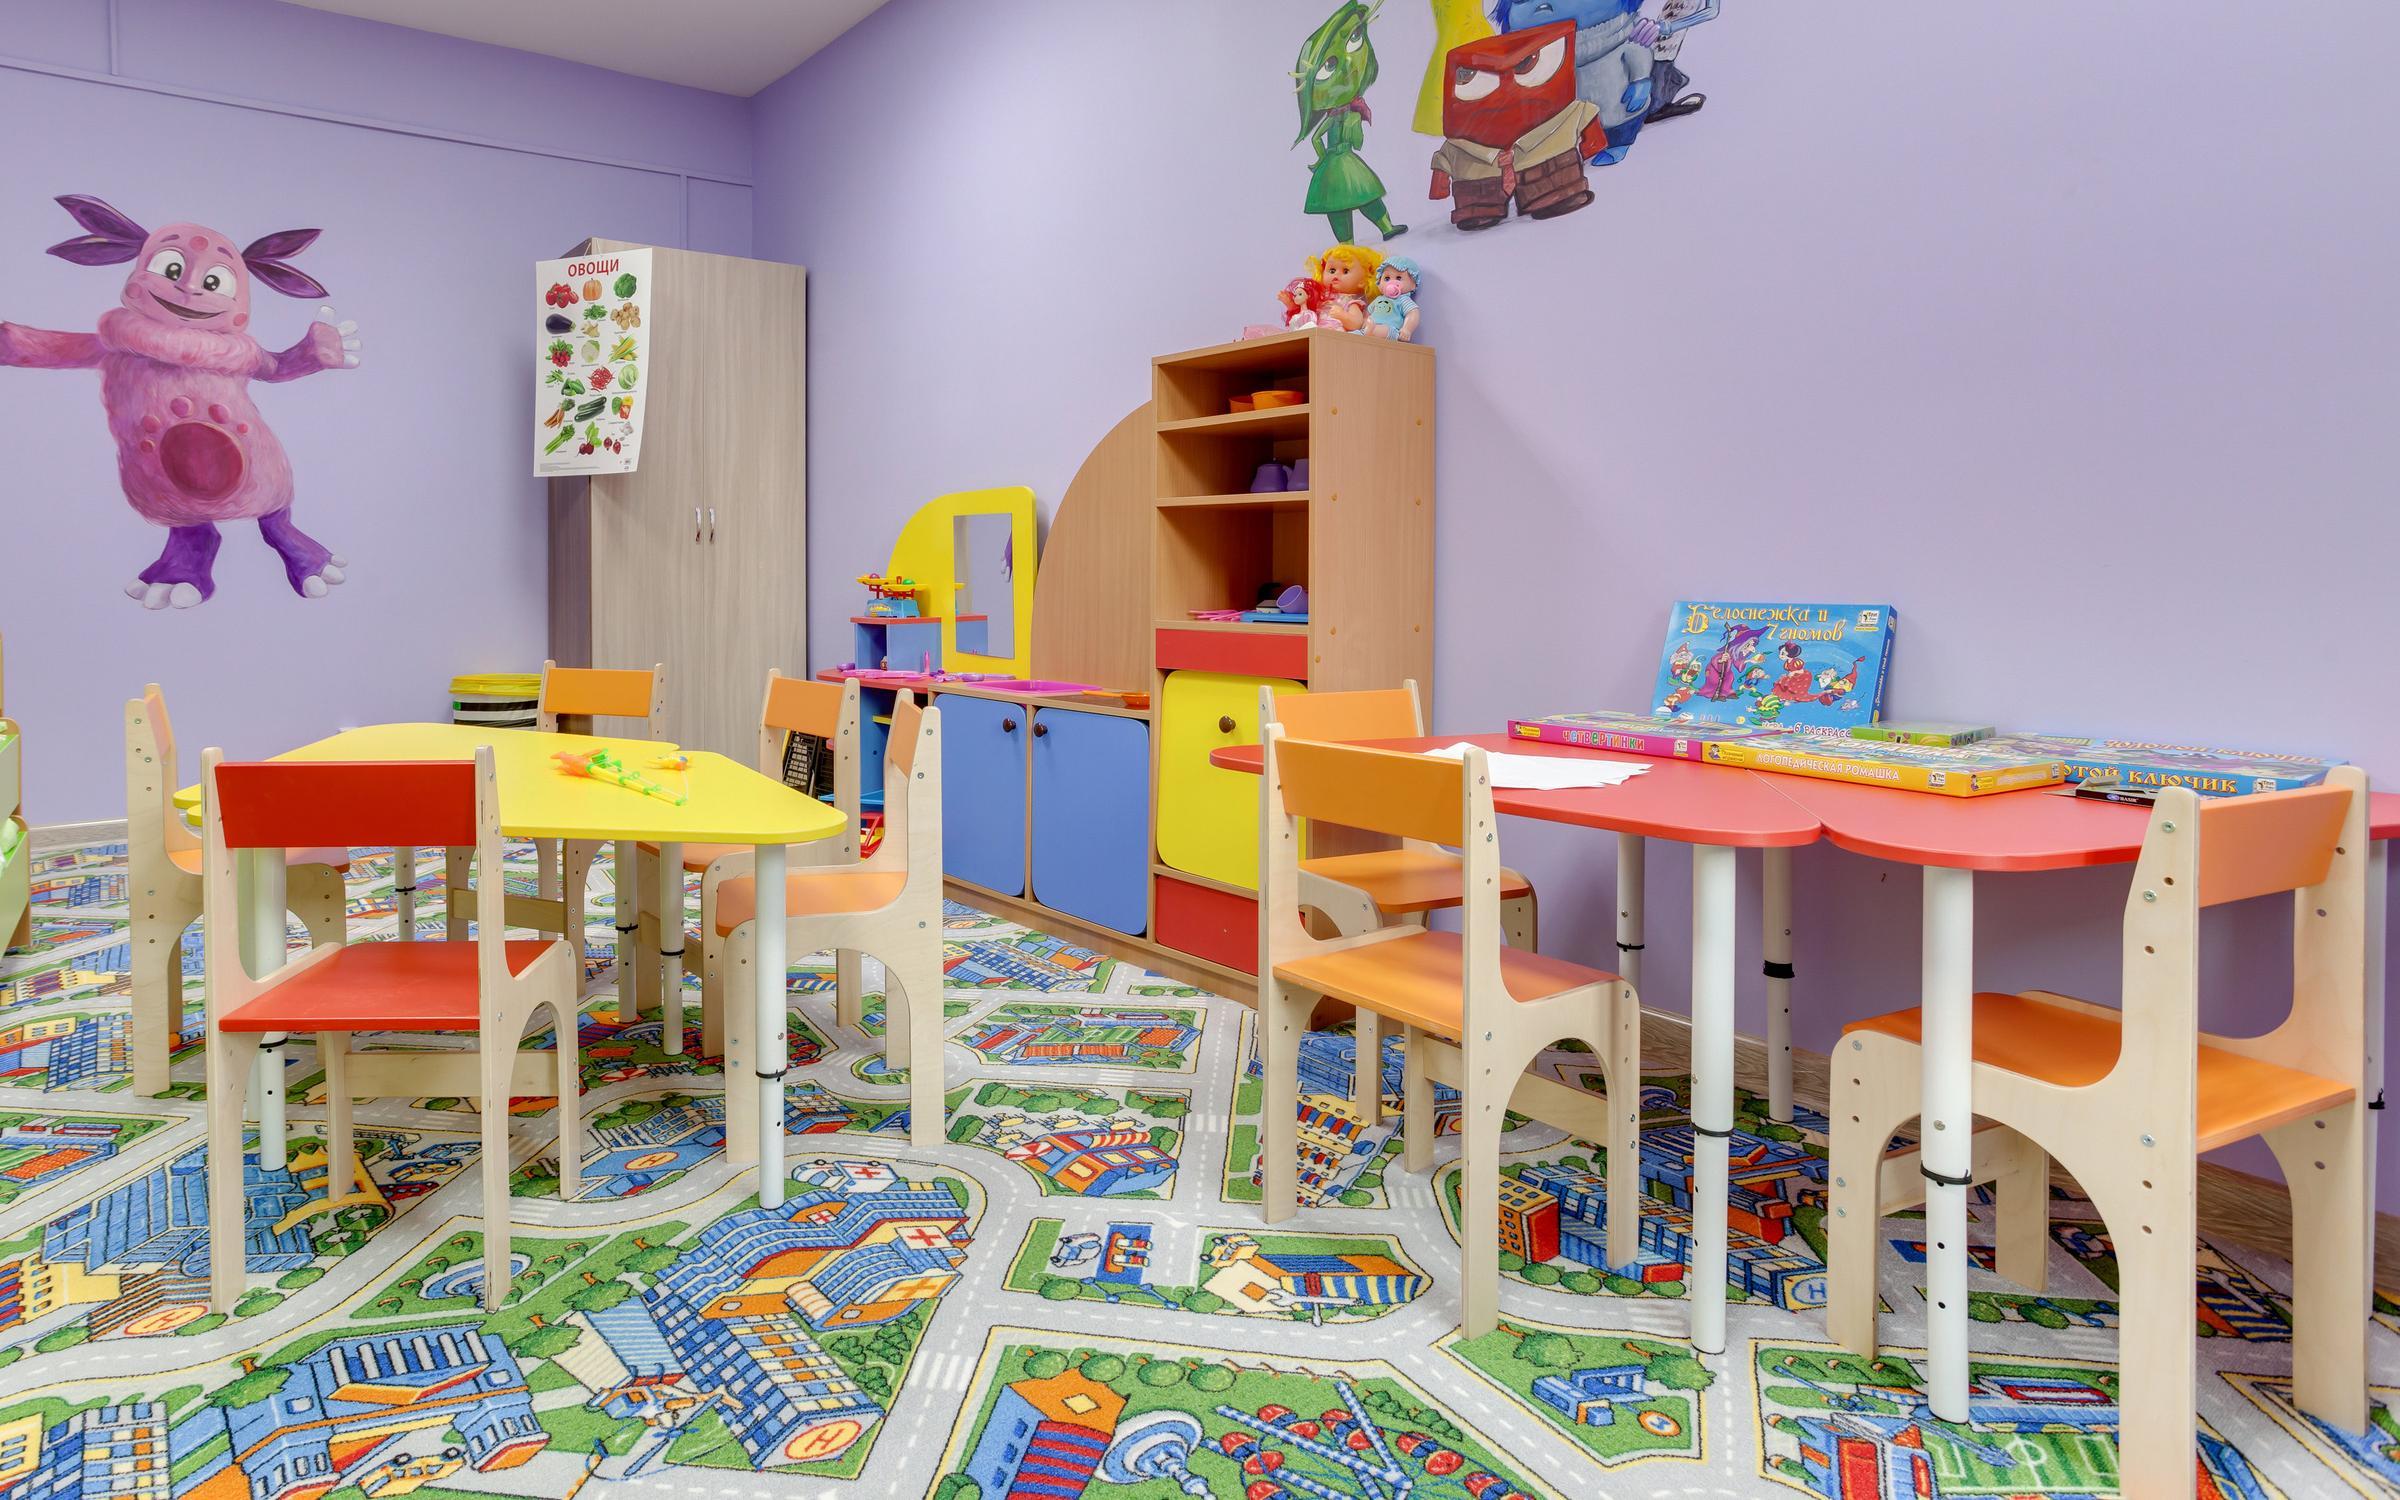 фотография Частного детского сада Росинка на бульваре Зелёные Аллеи 9